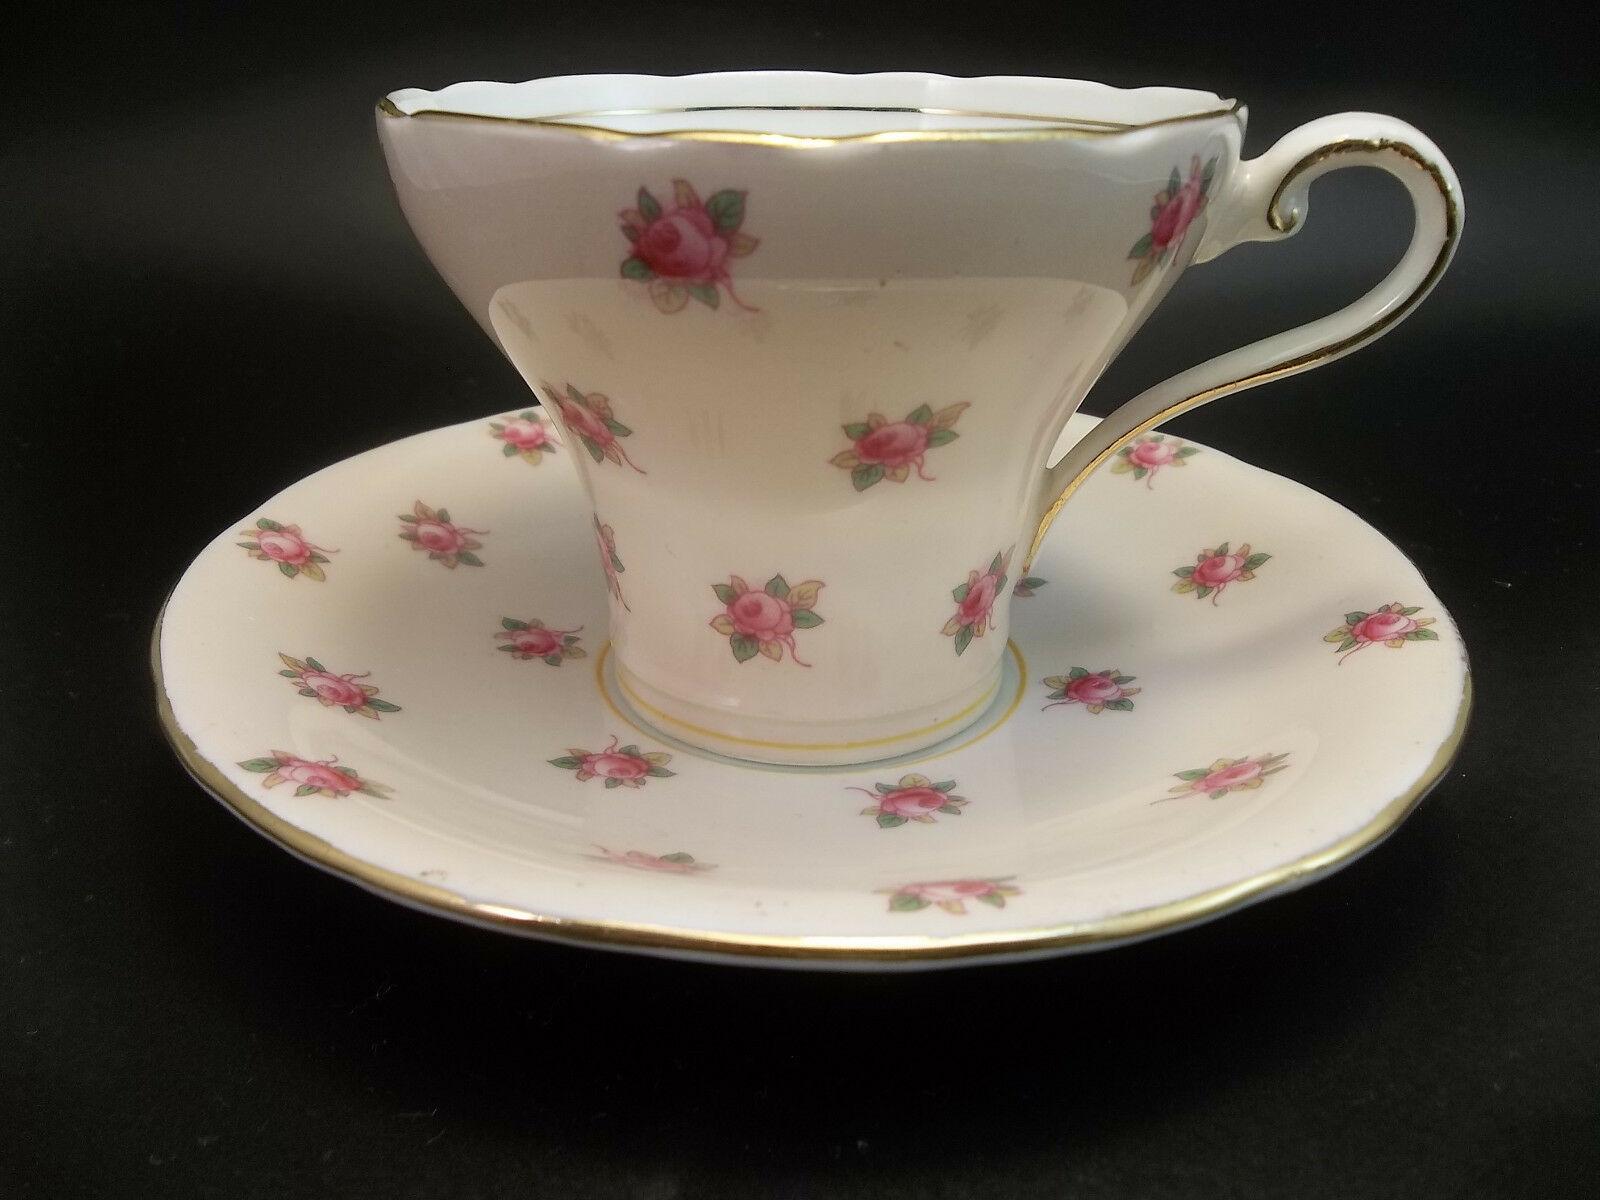 Aynsley Tea Cup Saucer Set Pink Roses English Bone China Teacup